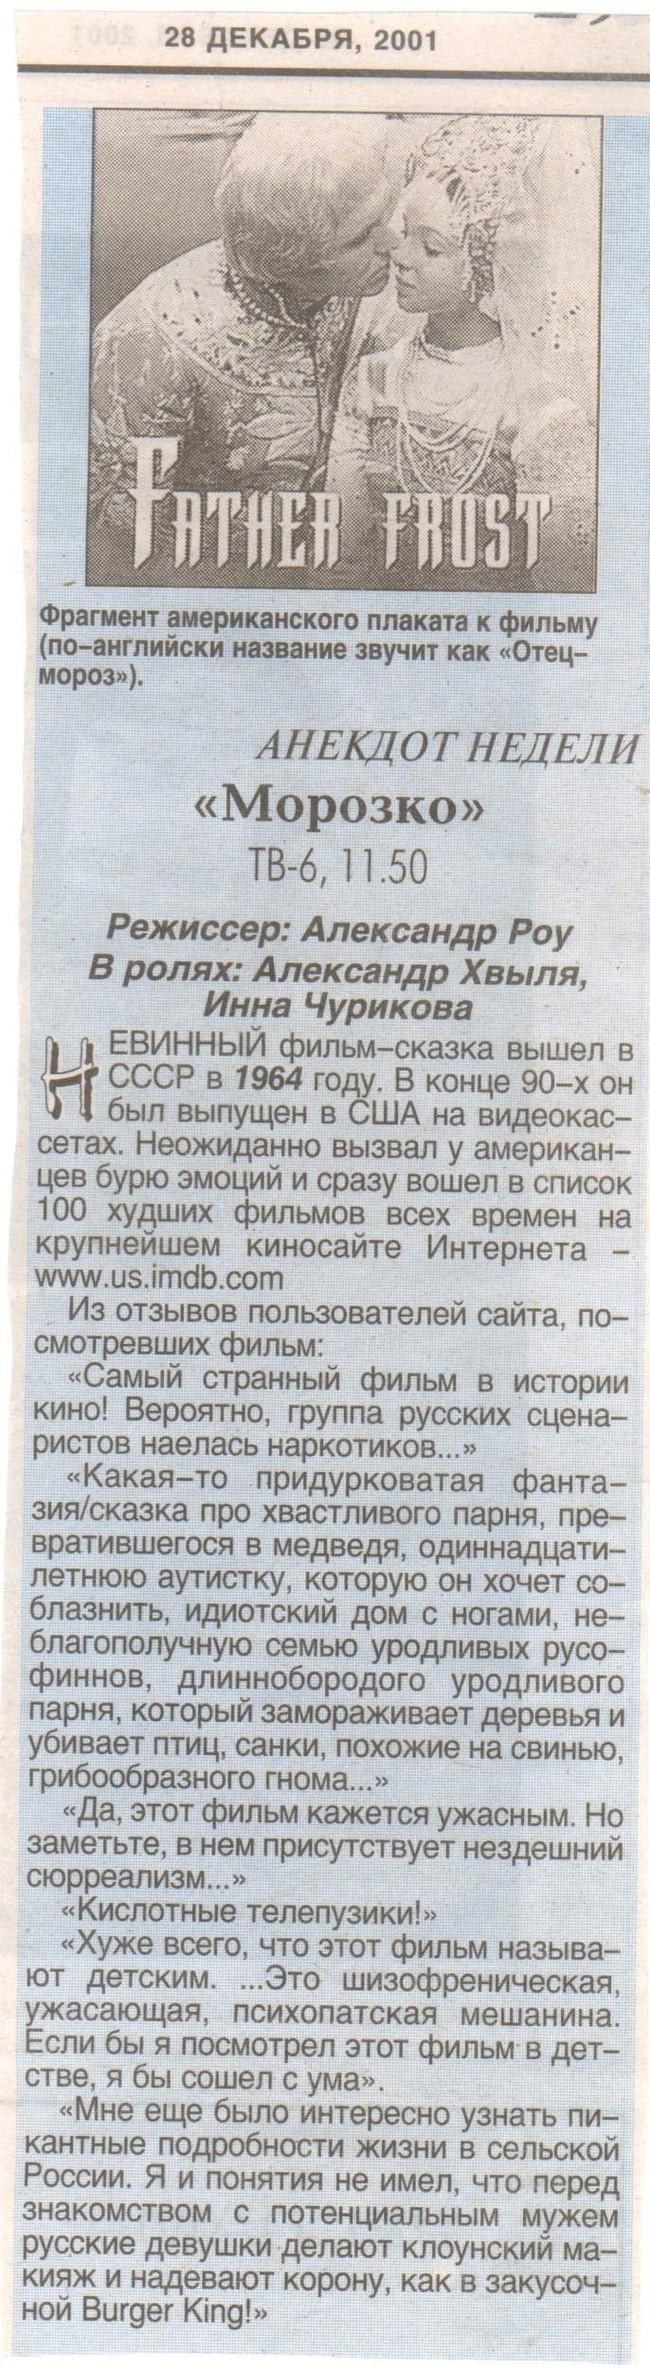 Наше все Пресса, Сказка, Отзыв, 2000, Ретро, Америка, Газеты, Анекдот, Длиннопост